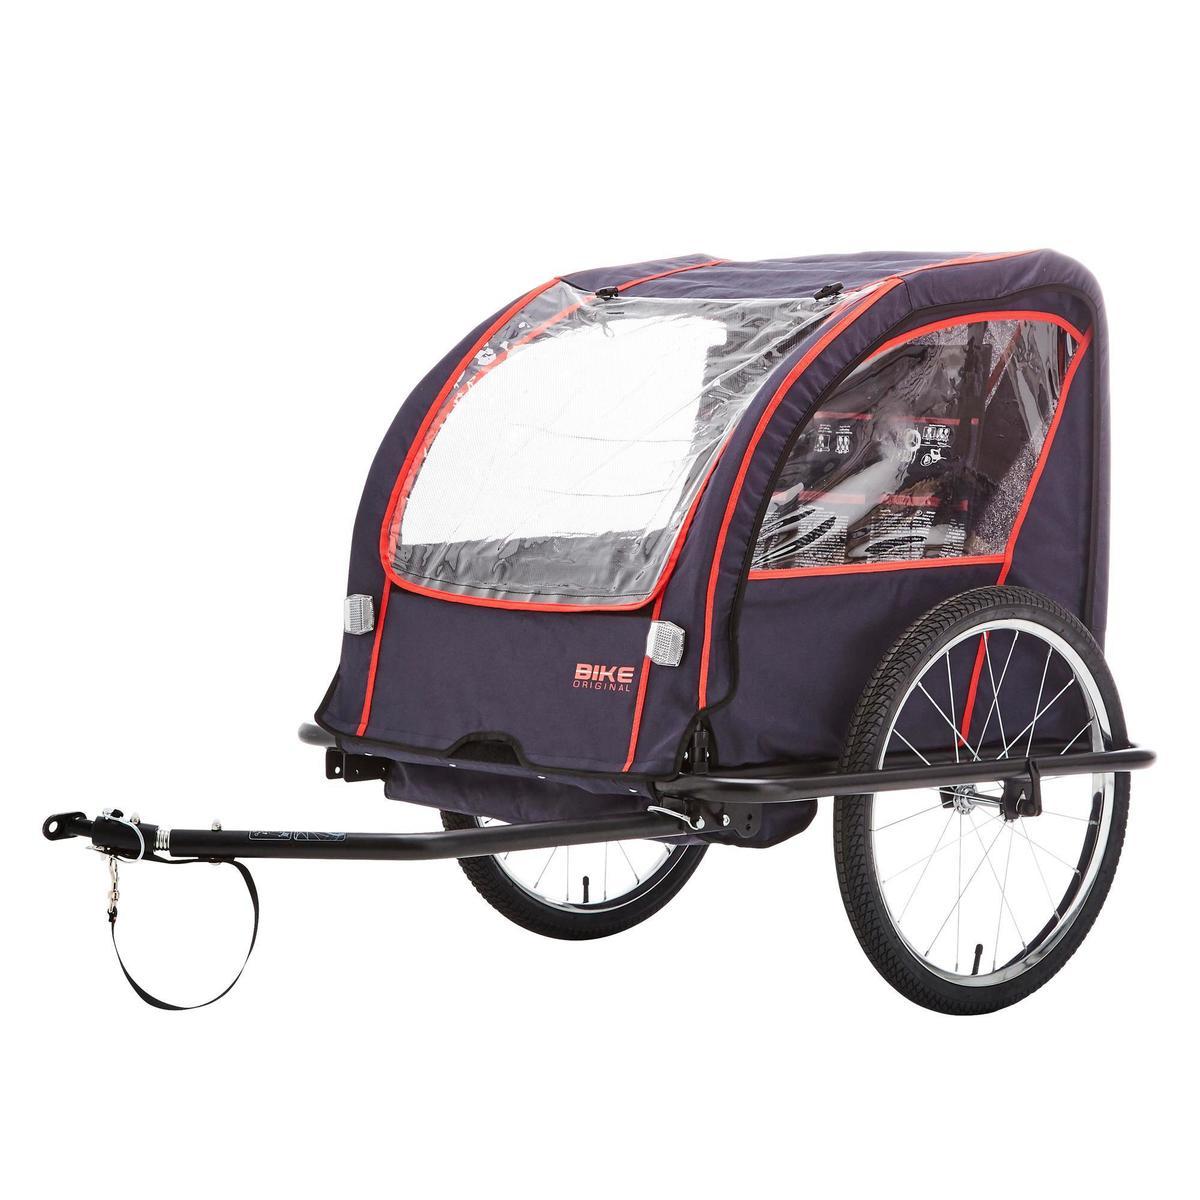 Bild 1 von Kinder-Fahrradanhänger 100 Stahlgestell indigoblau